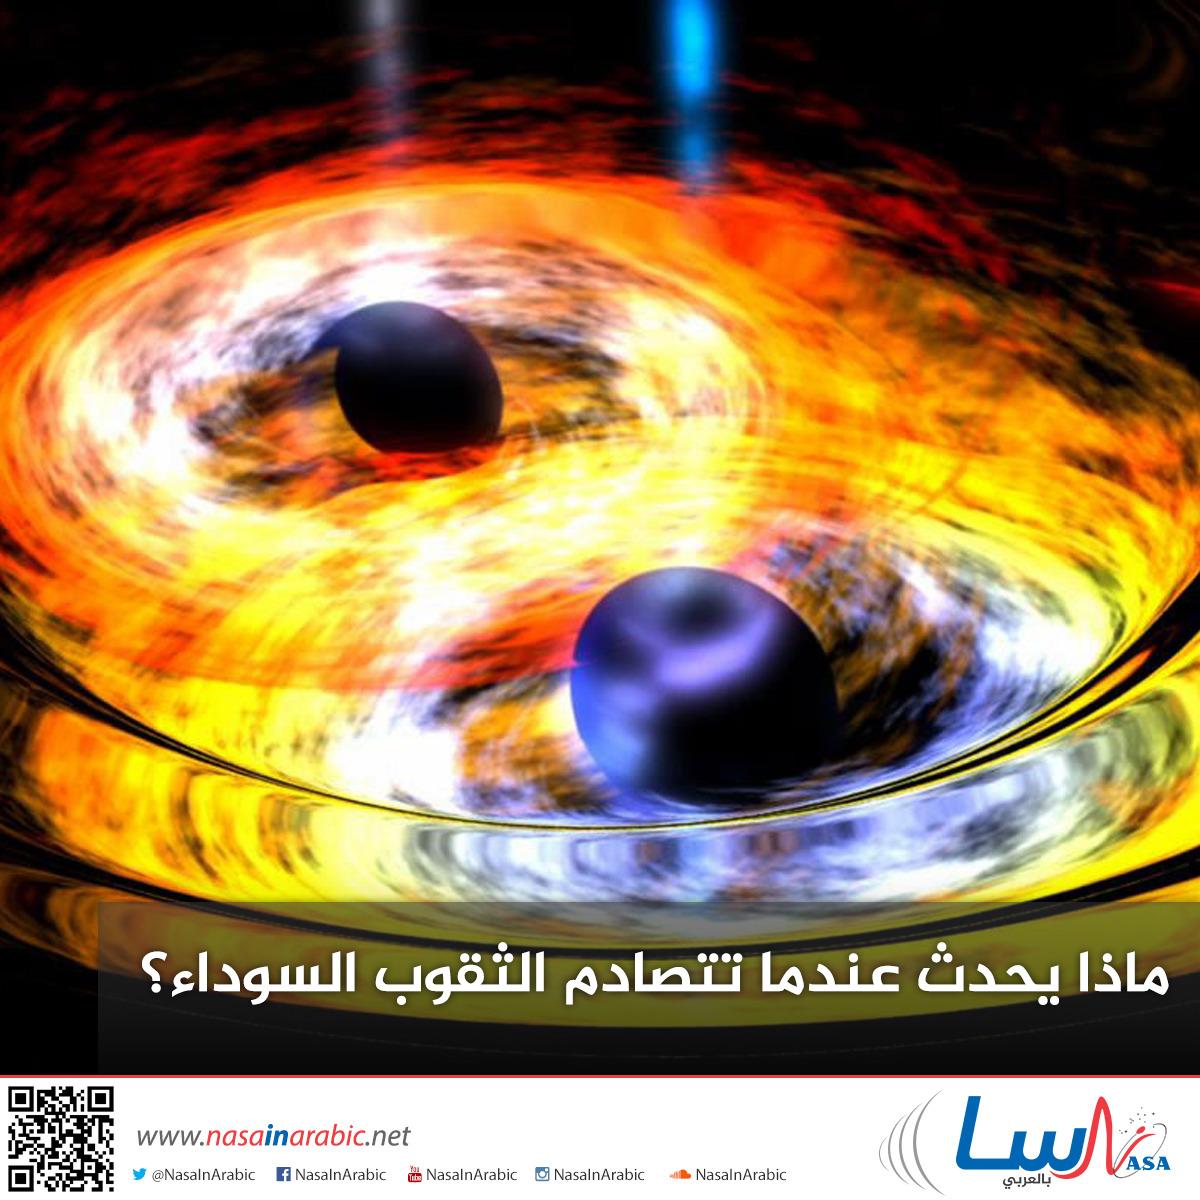 ماذا يحدث عندما تتصادم الثقوب السوداء؟